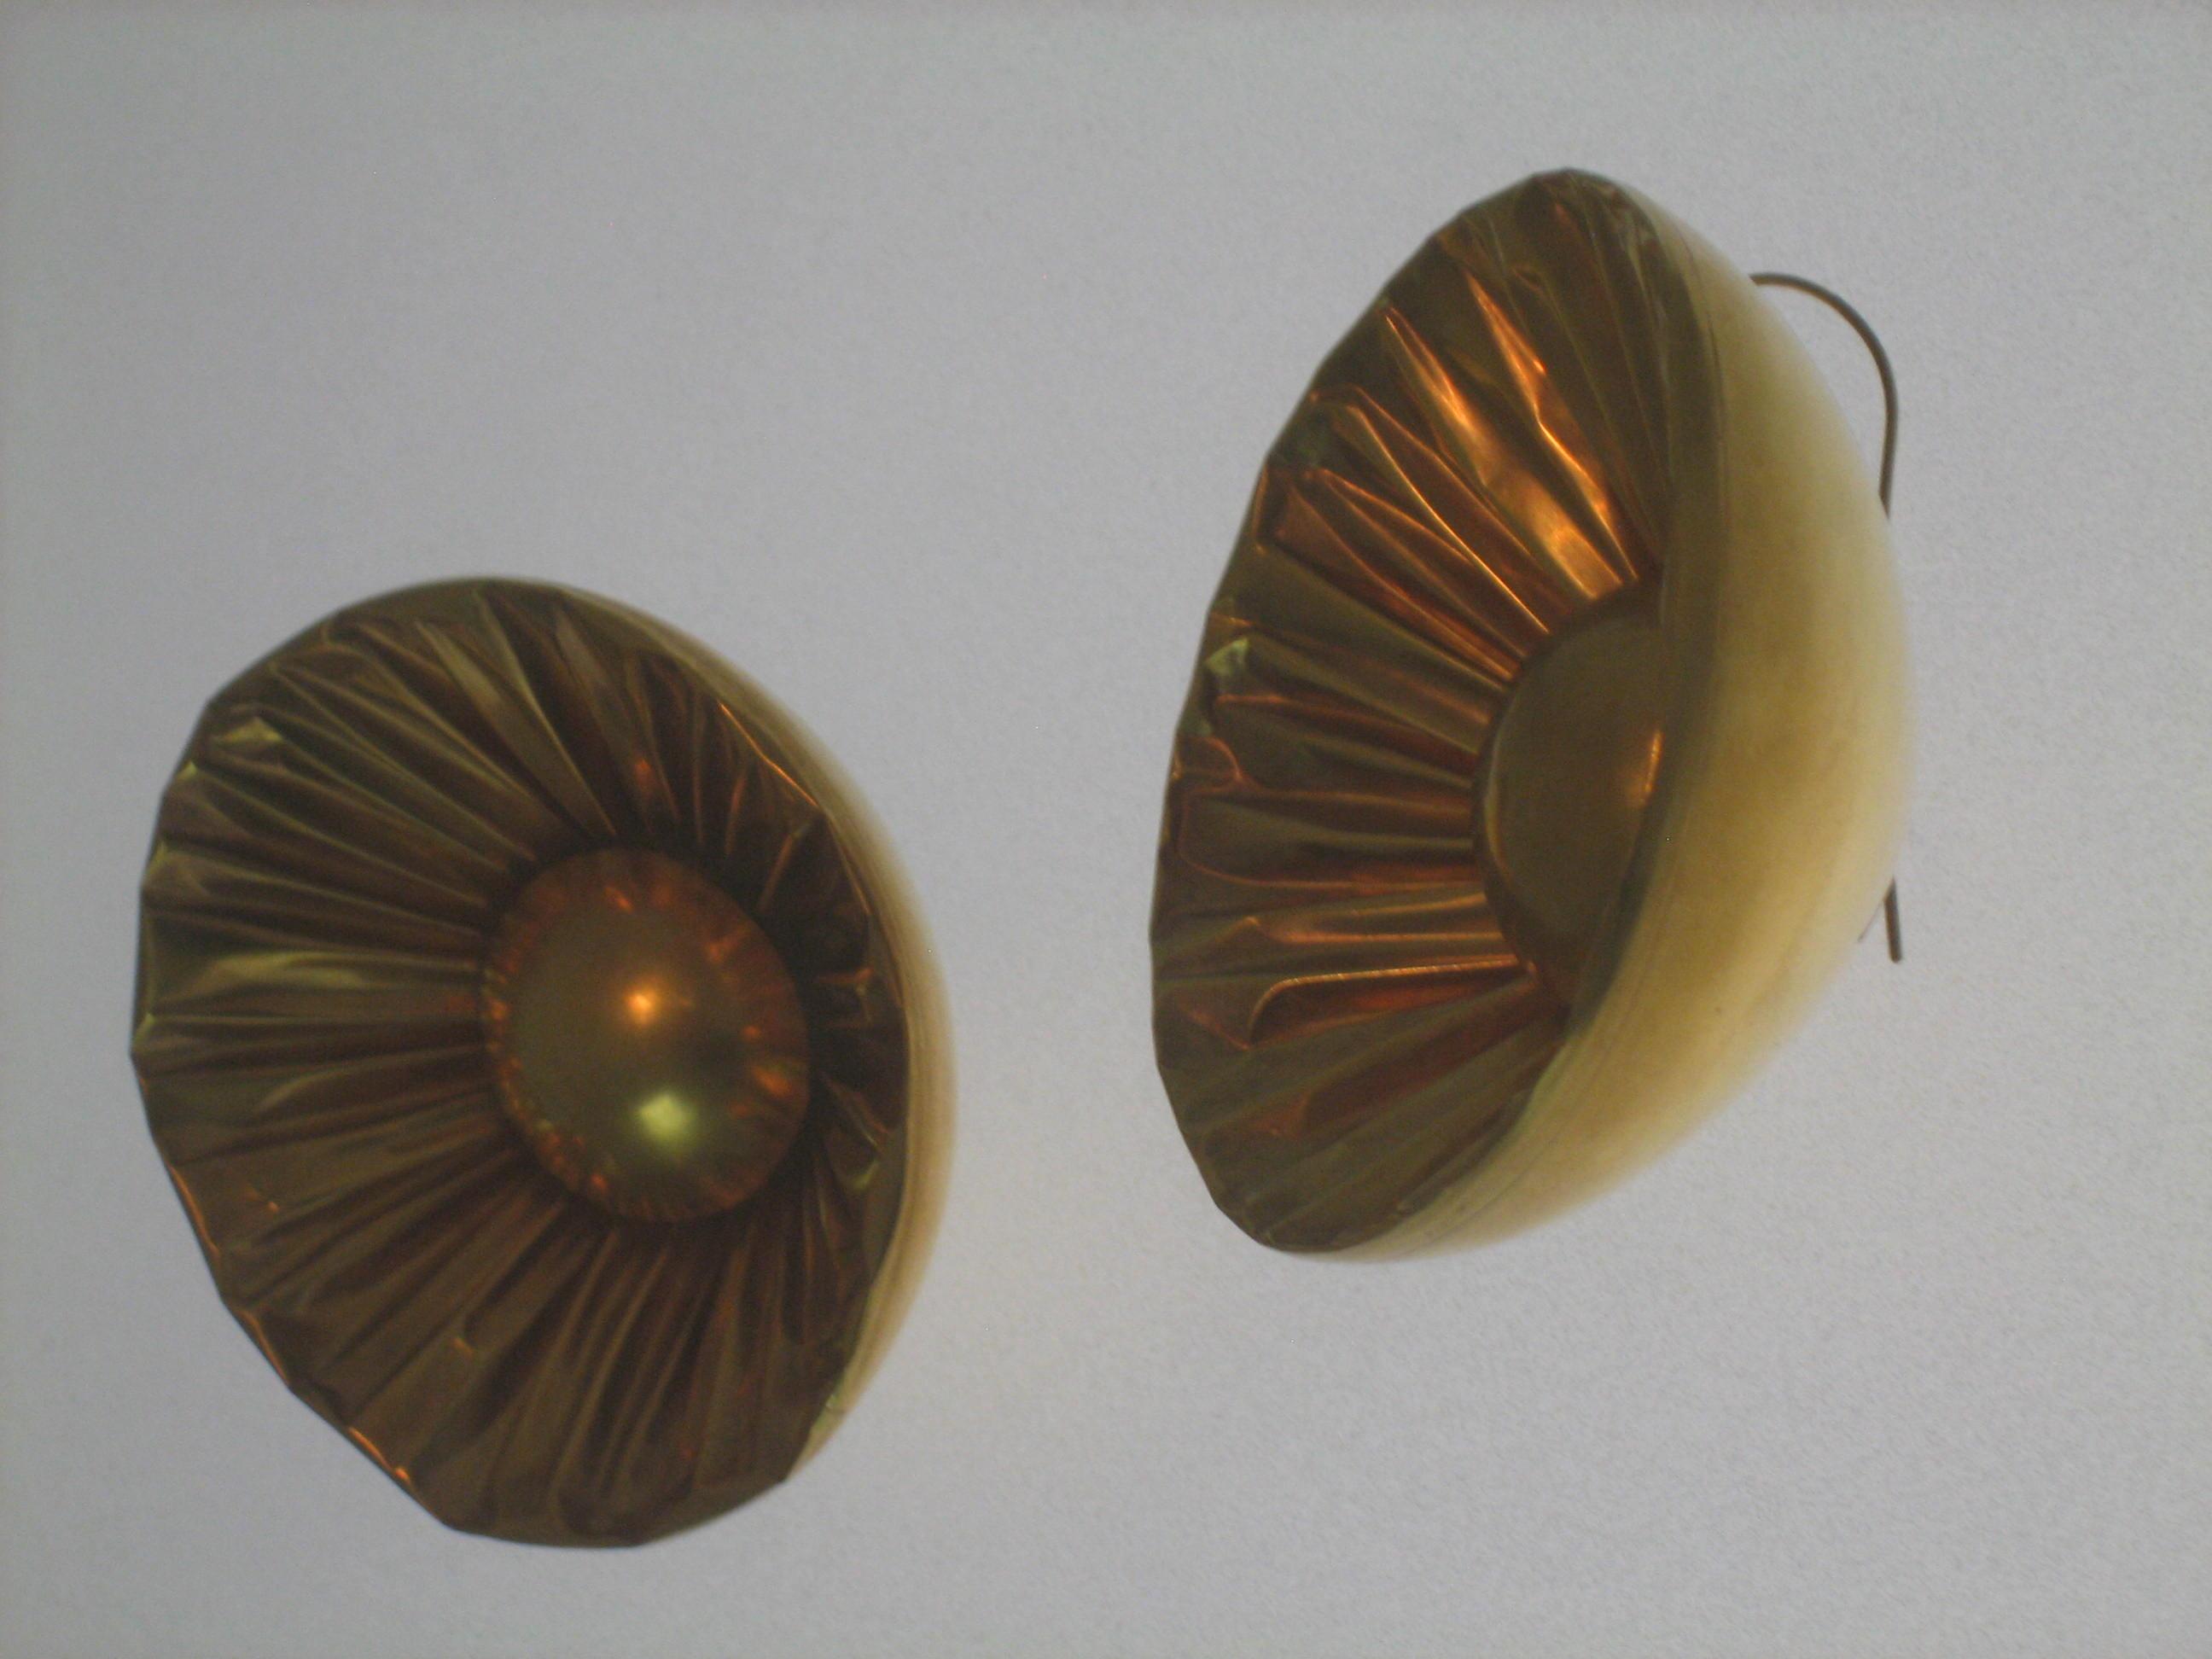 Dorothea Prühl, Blumen, oorsieraden, 1991. Collectie Grassimuseum, metaal